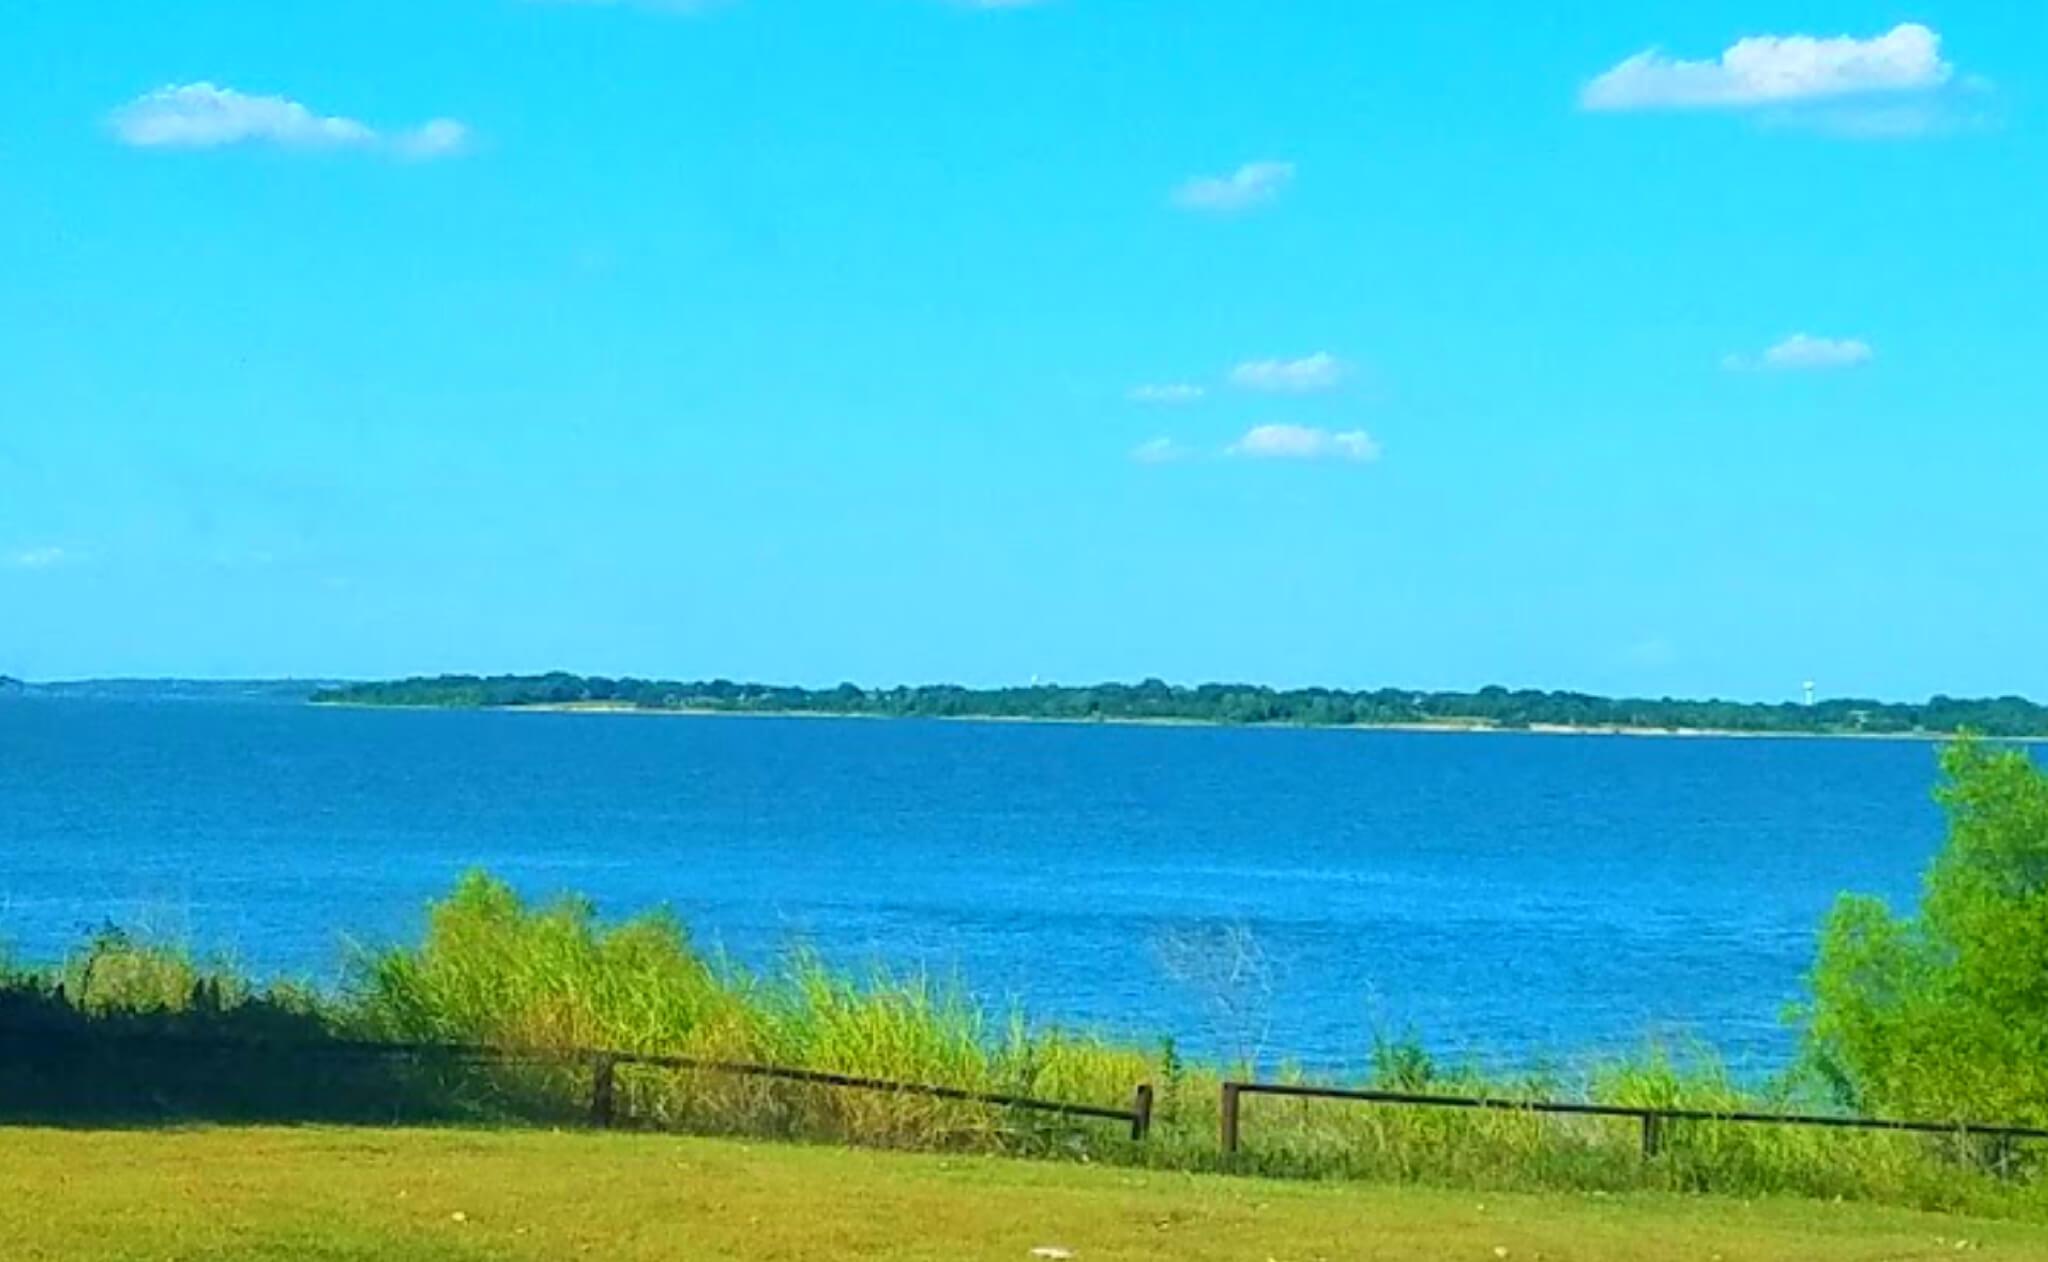 Lavon-Lake-Fishing-Report-Guide-Texas-TX-04